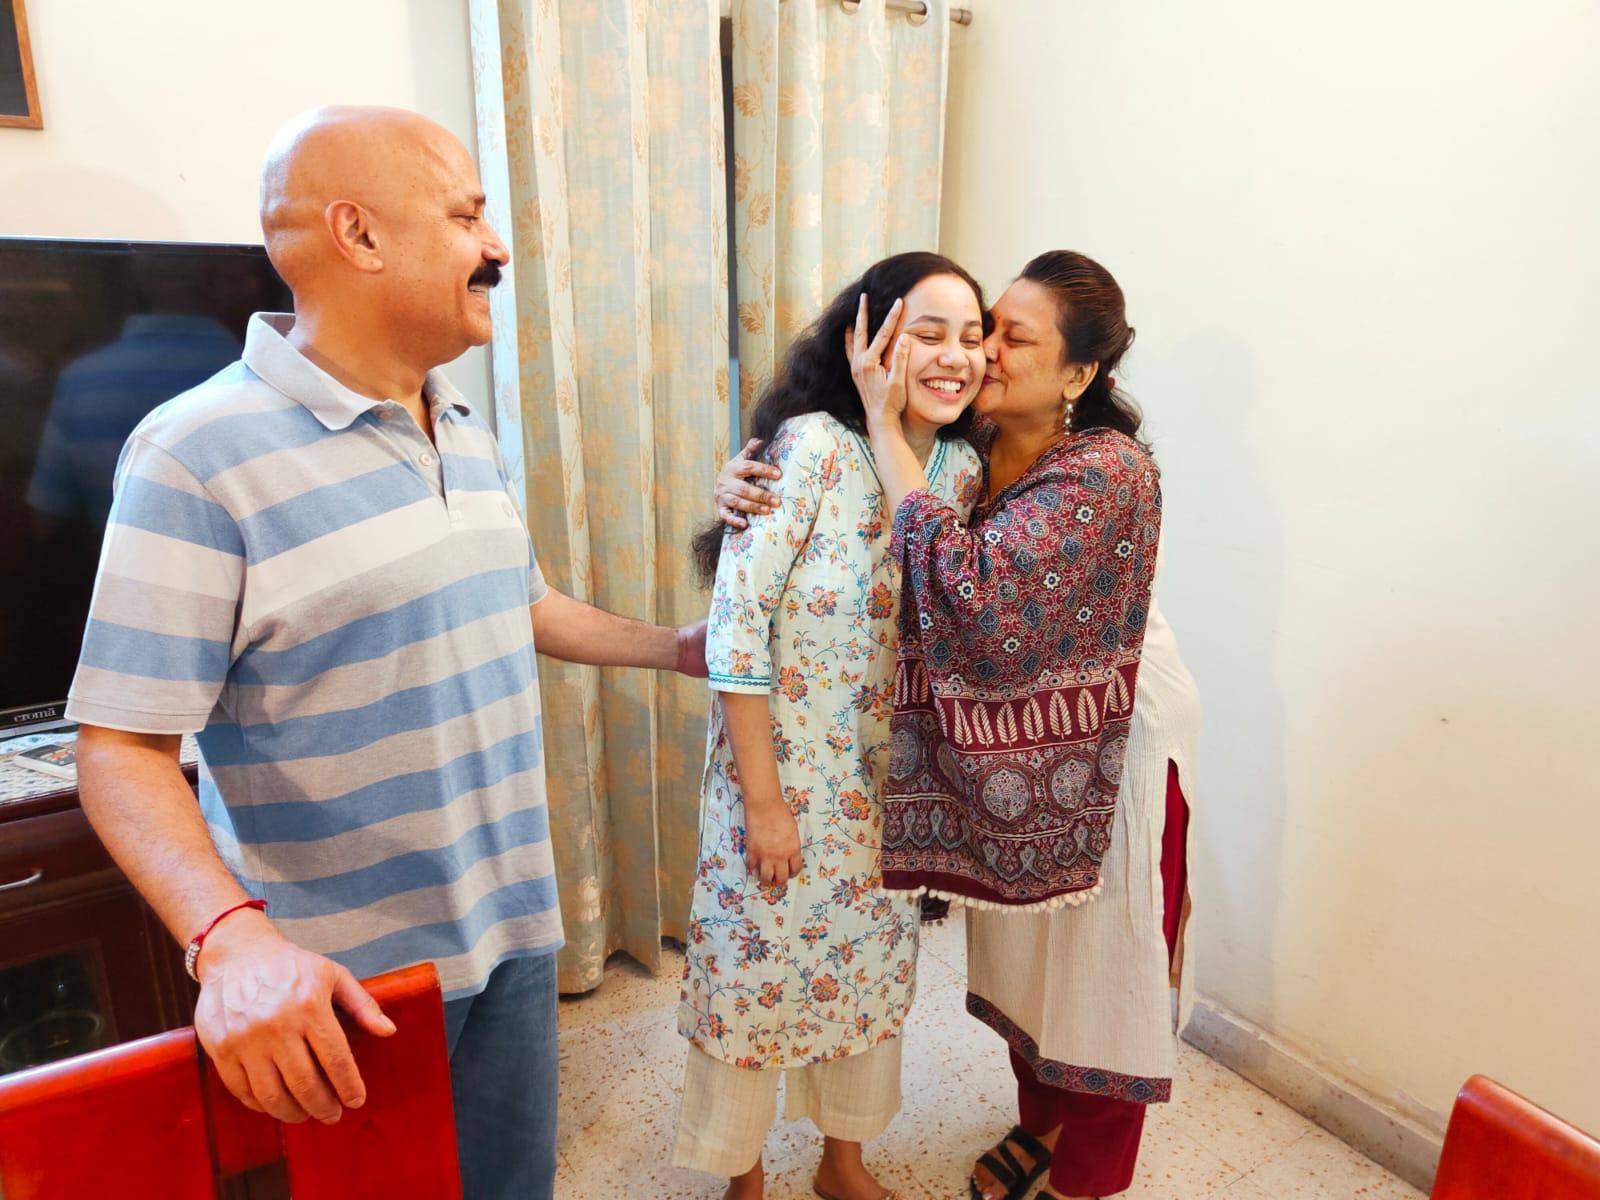 UPSC Result: Ria Dabi की सफलता में बहन Tina Dabi के टिप्स आए काम, 12-13 घंटे करती थीं पढ़ाई